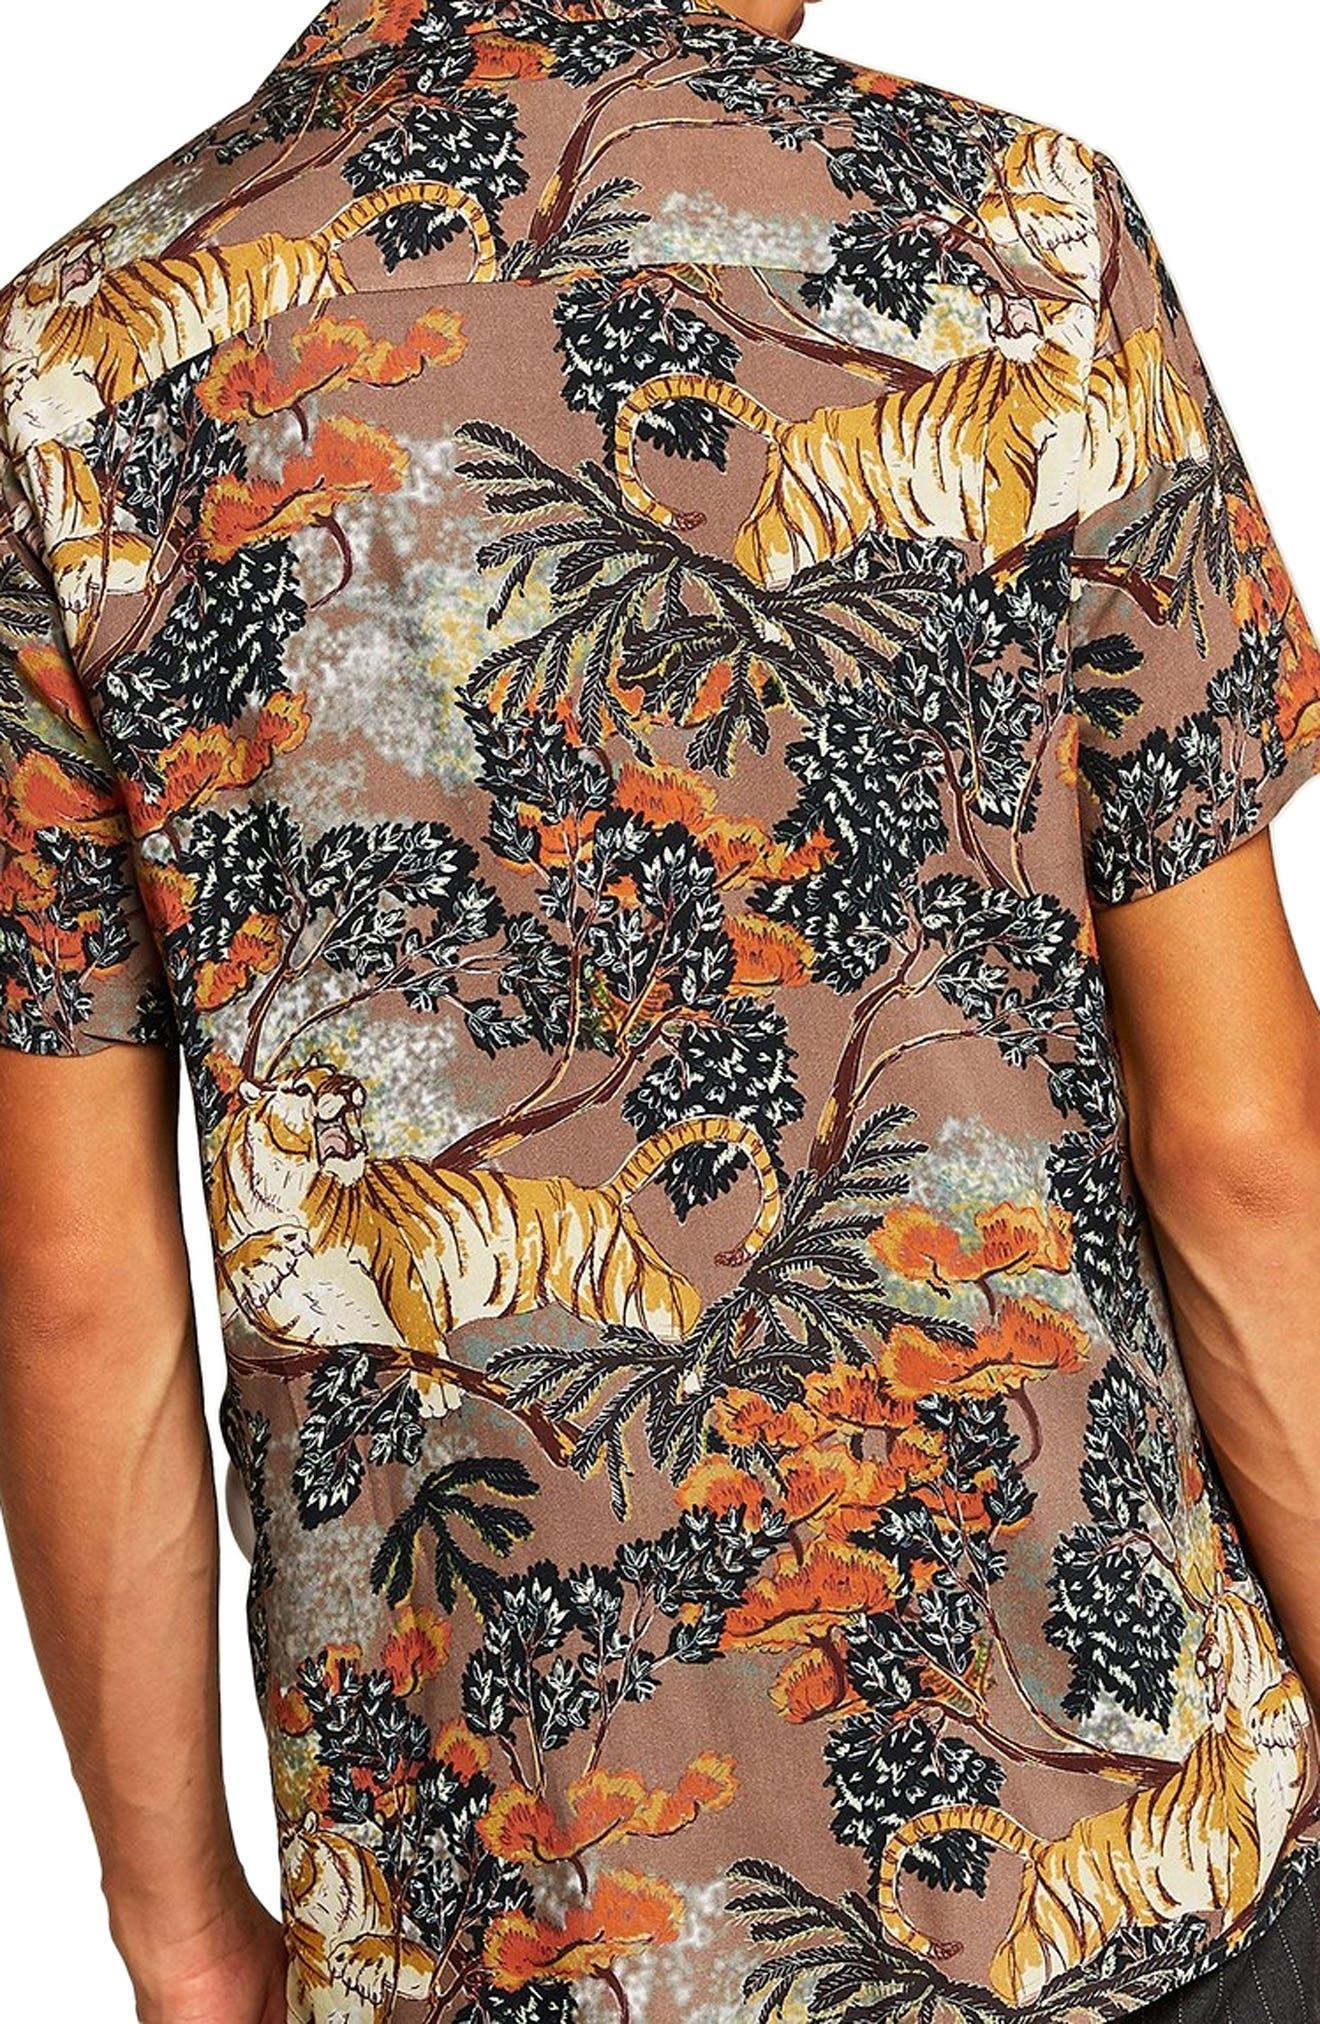 Suburb Tiger Print Shirt,                             Alternate thumbnail 3, color,                             ORANGE MULTI